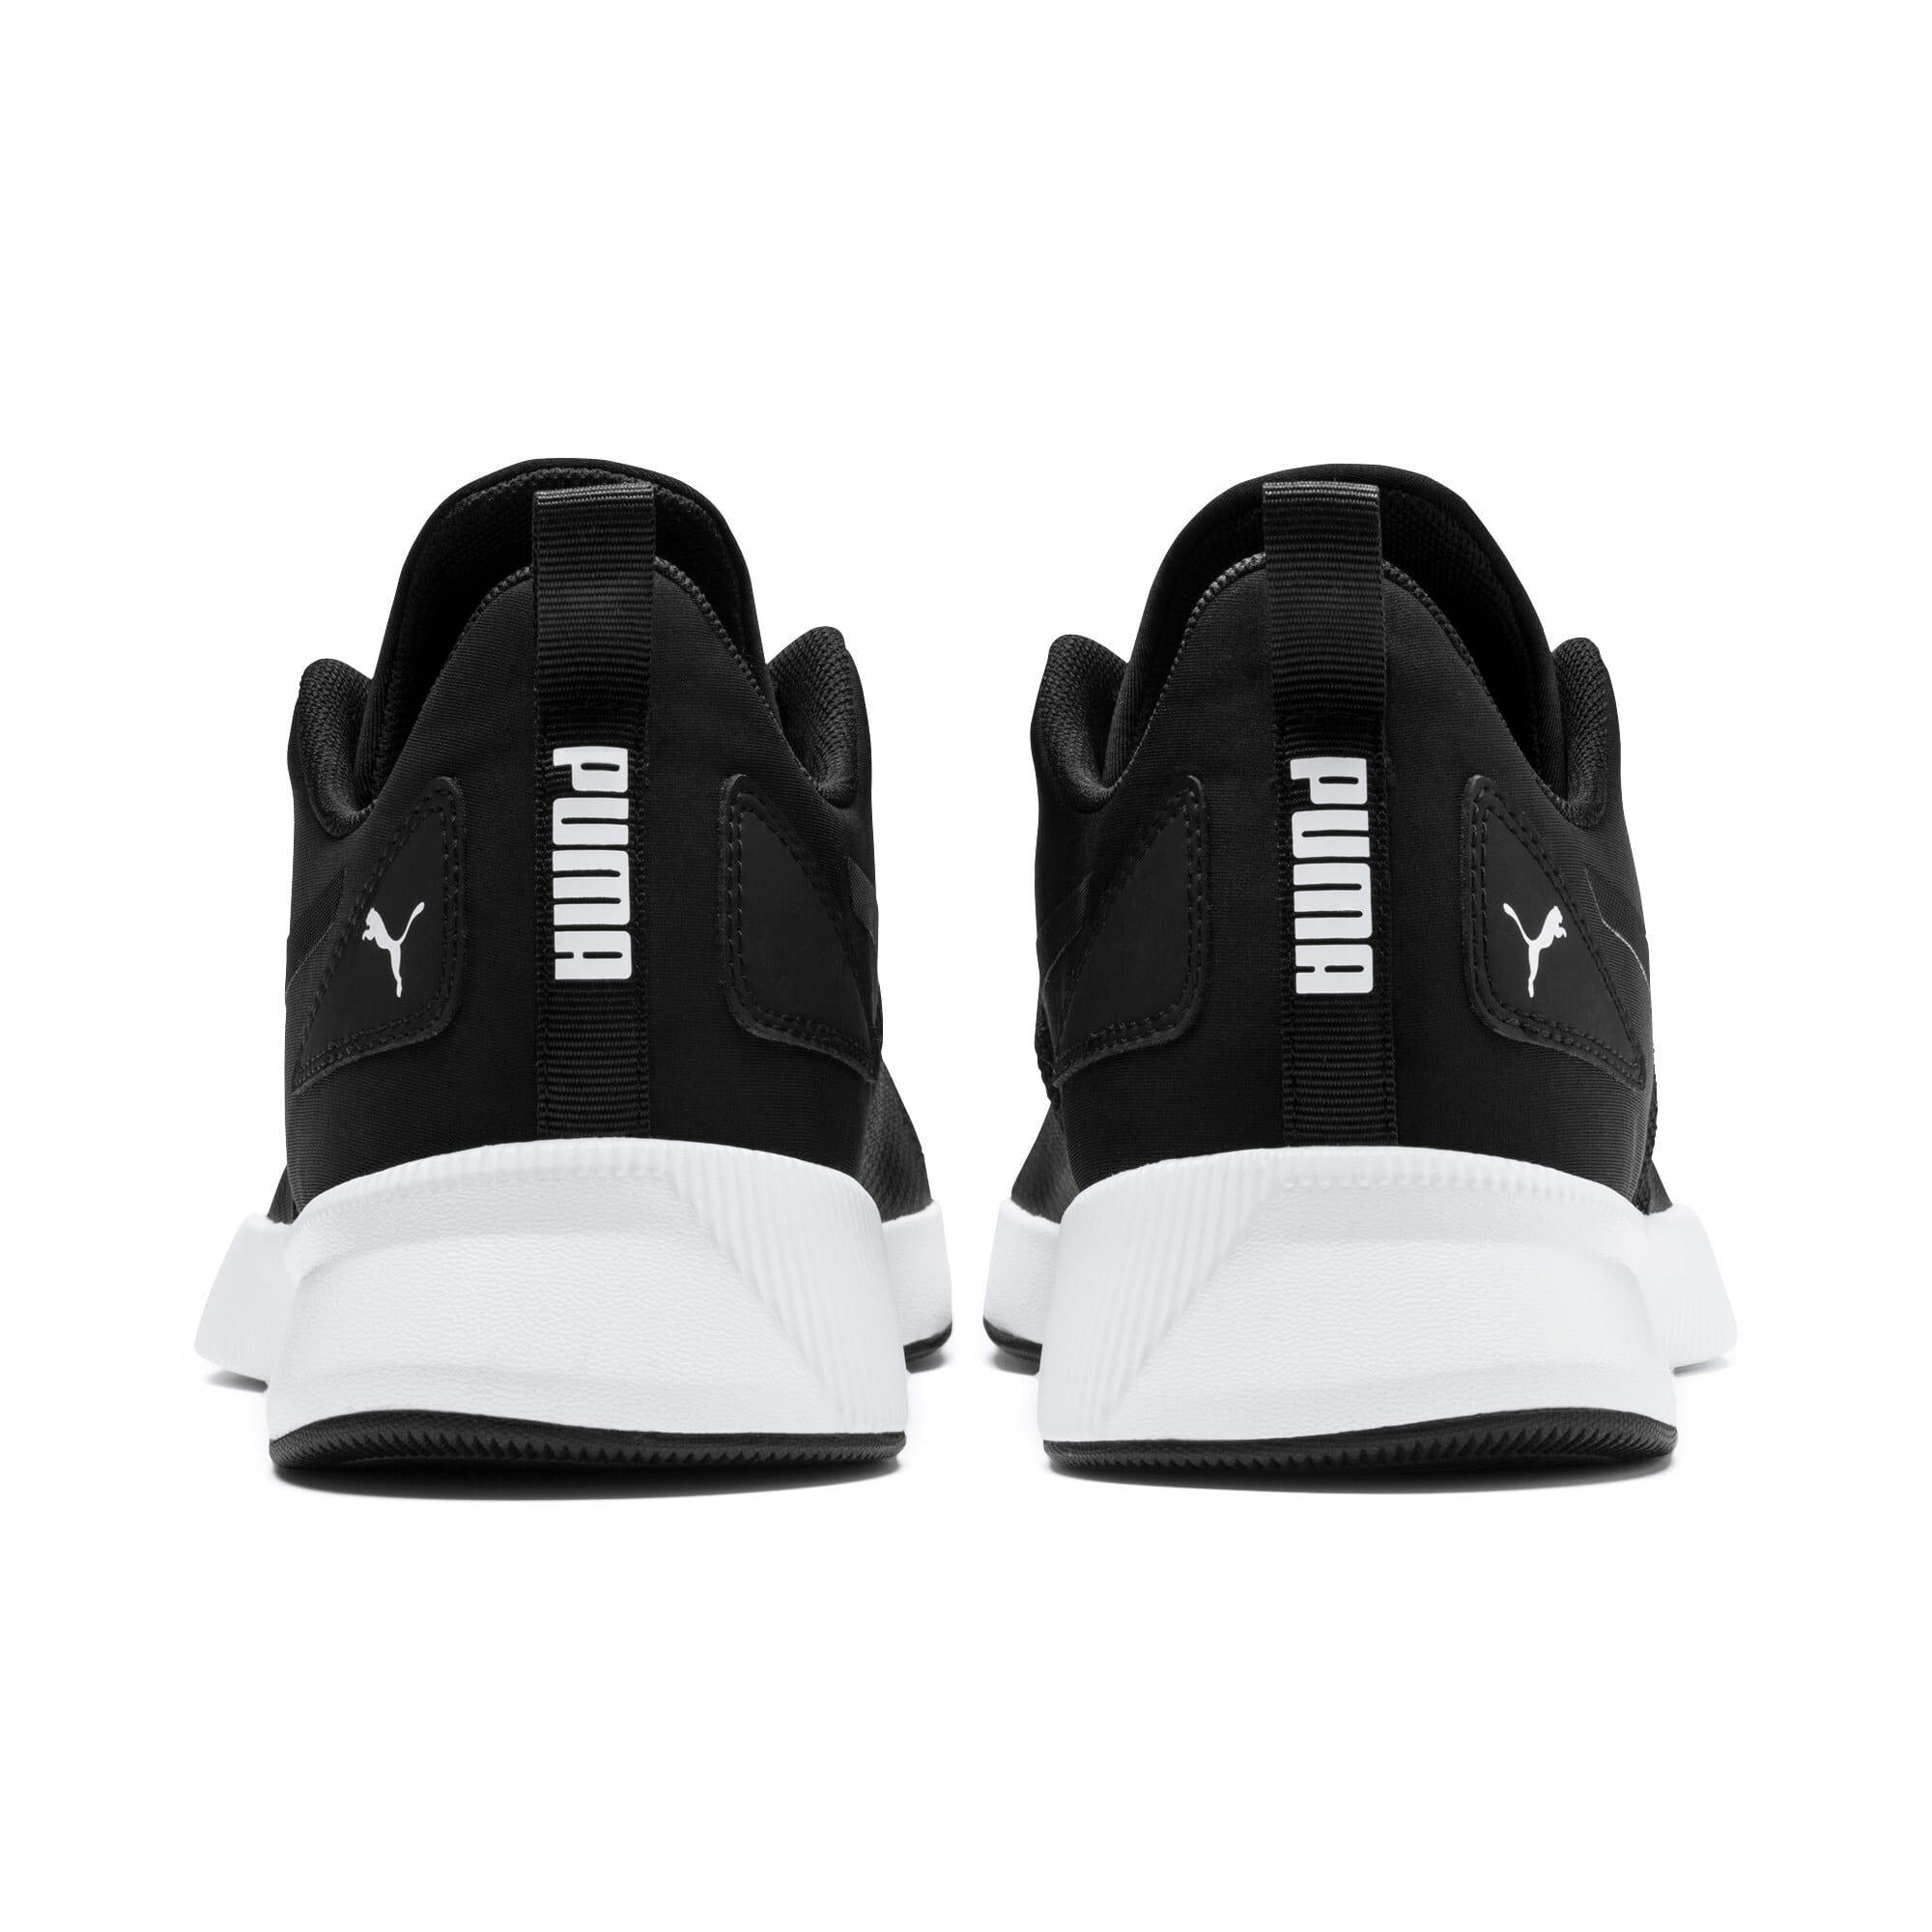 Thumbnail 3 of Flyer Runner Running Shoes, Black-Black-White, medium